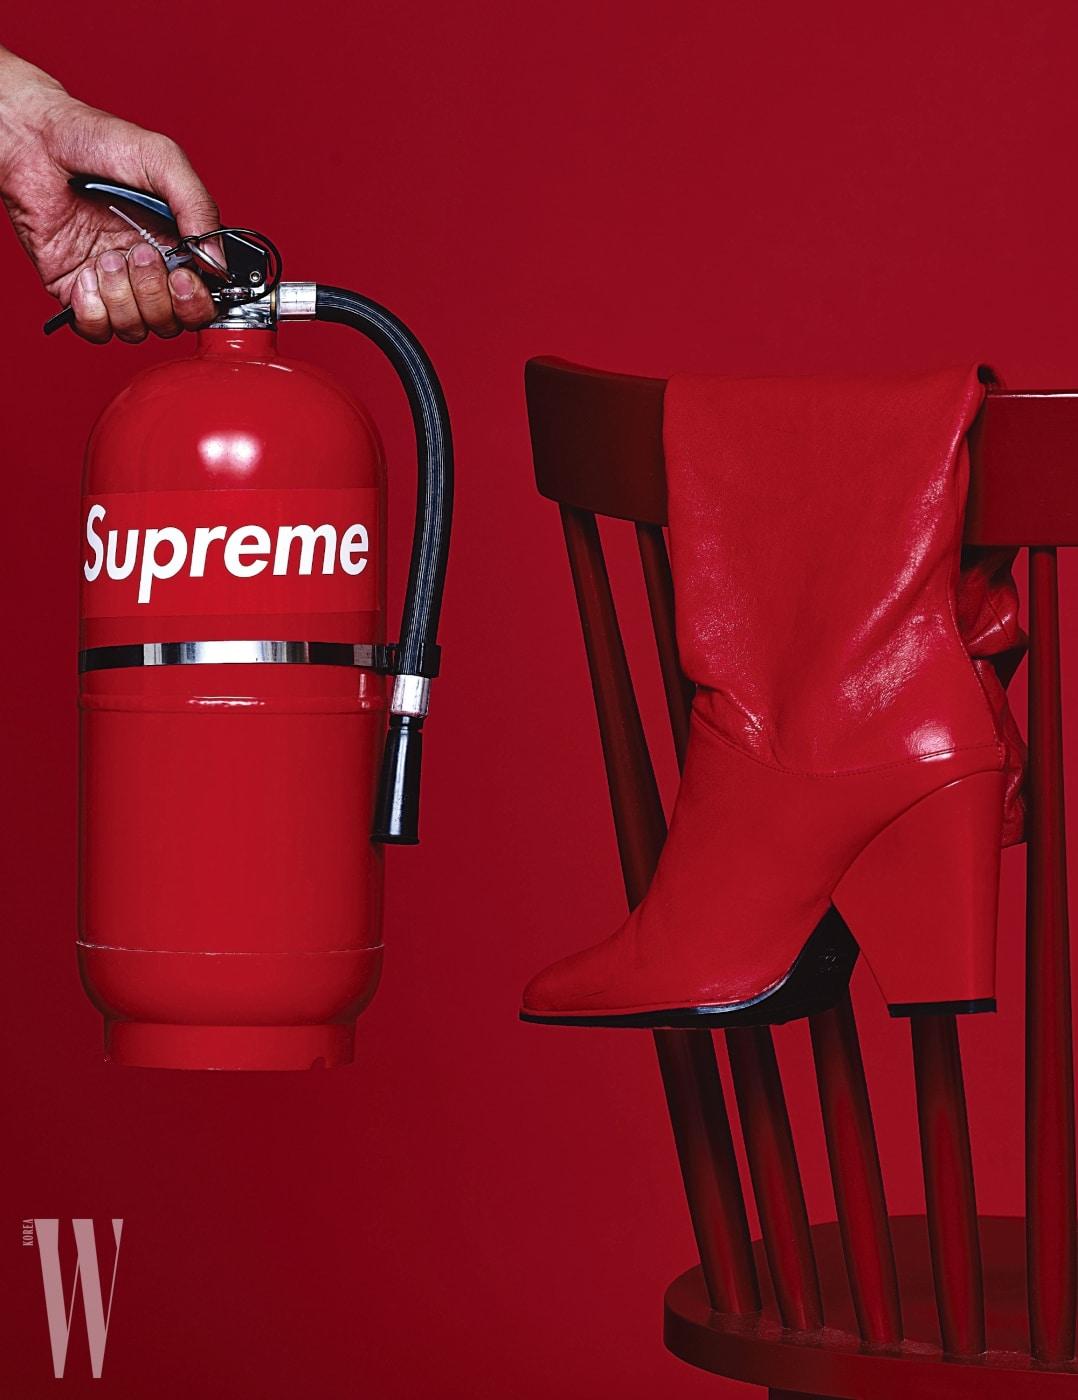 슈프림 스티커를 부착한 수화기 옆에 놓인 붉은색 부츠는 스튜어트 와이츠먼 제품. 가격 미정.